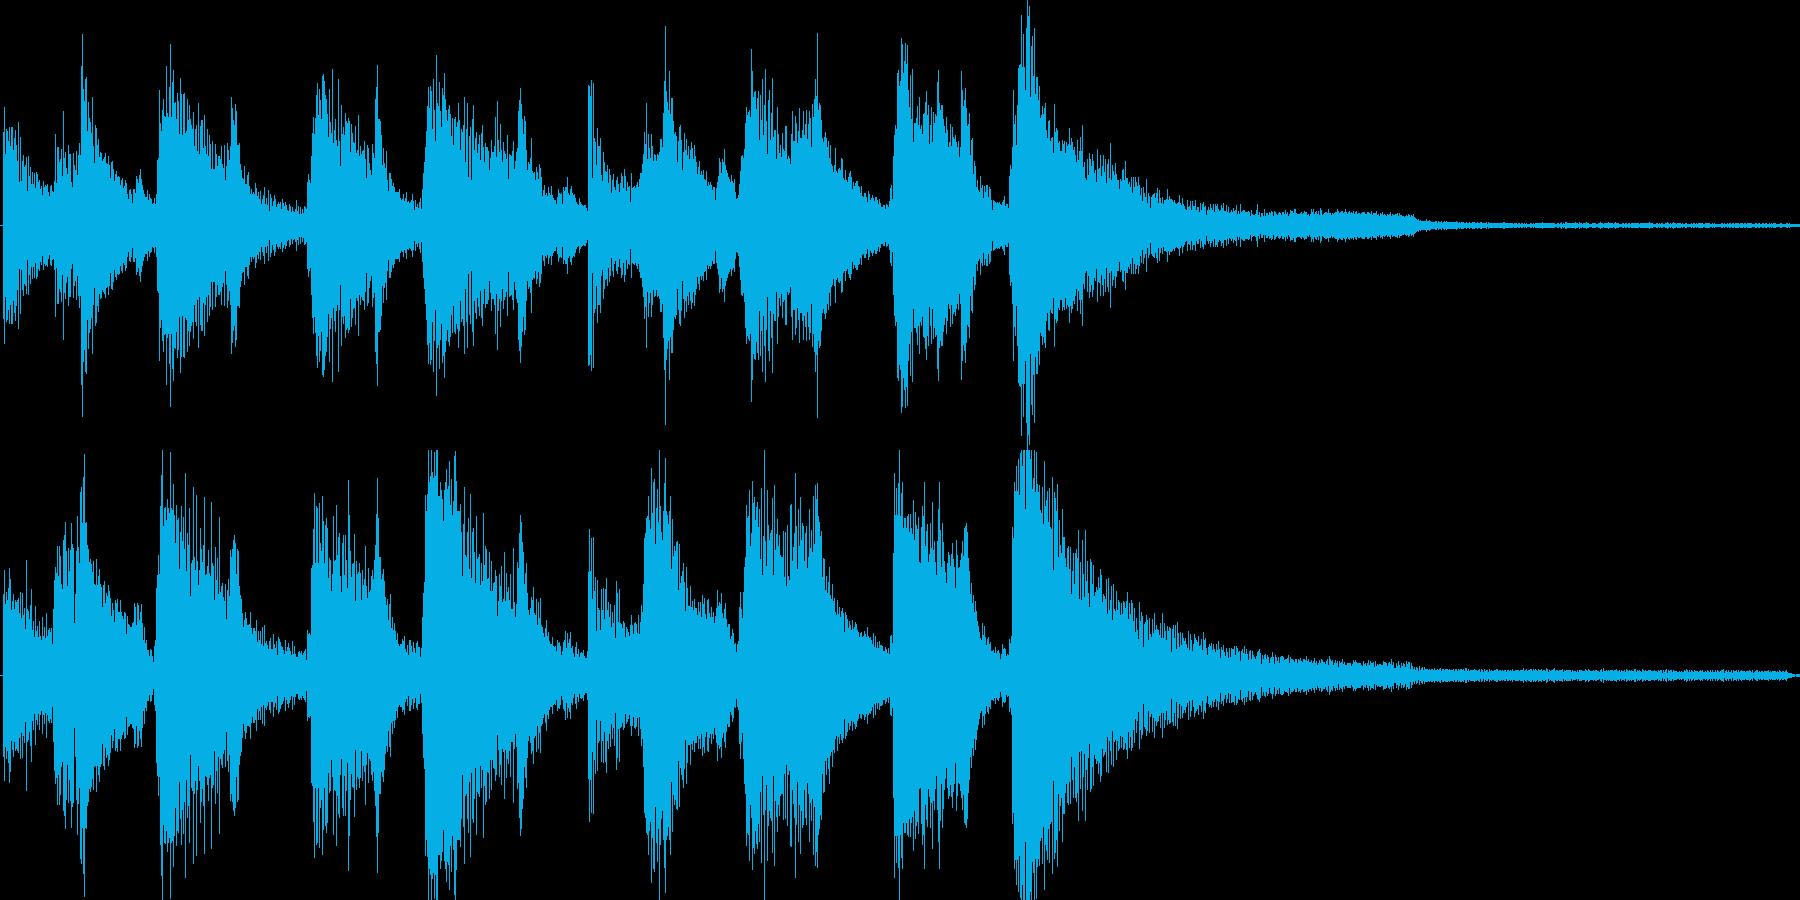 ジングル ジャズ風の再生済みの波形